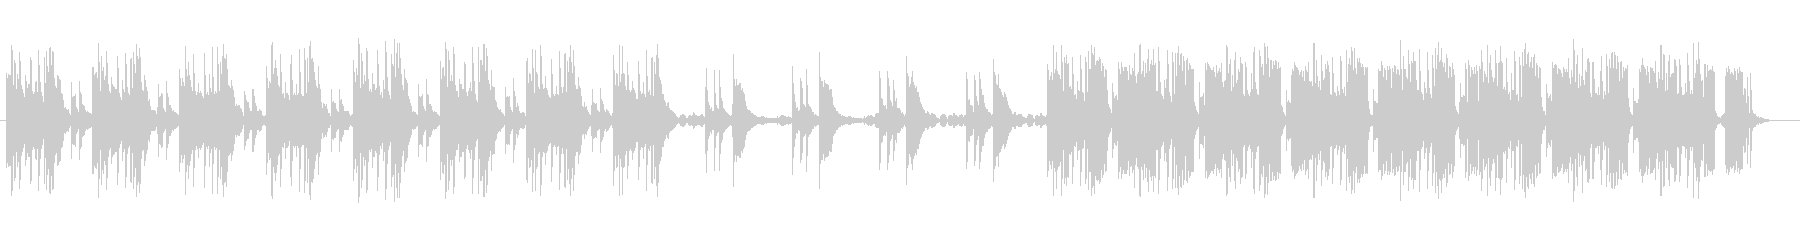 ひっそりとしたイメージのミュージックの未再生の波形